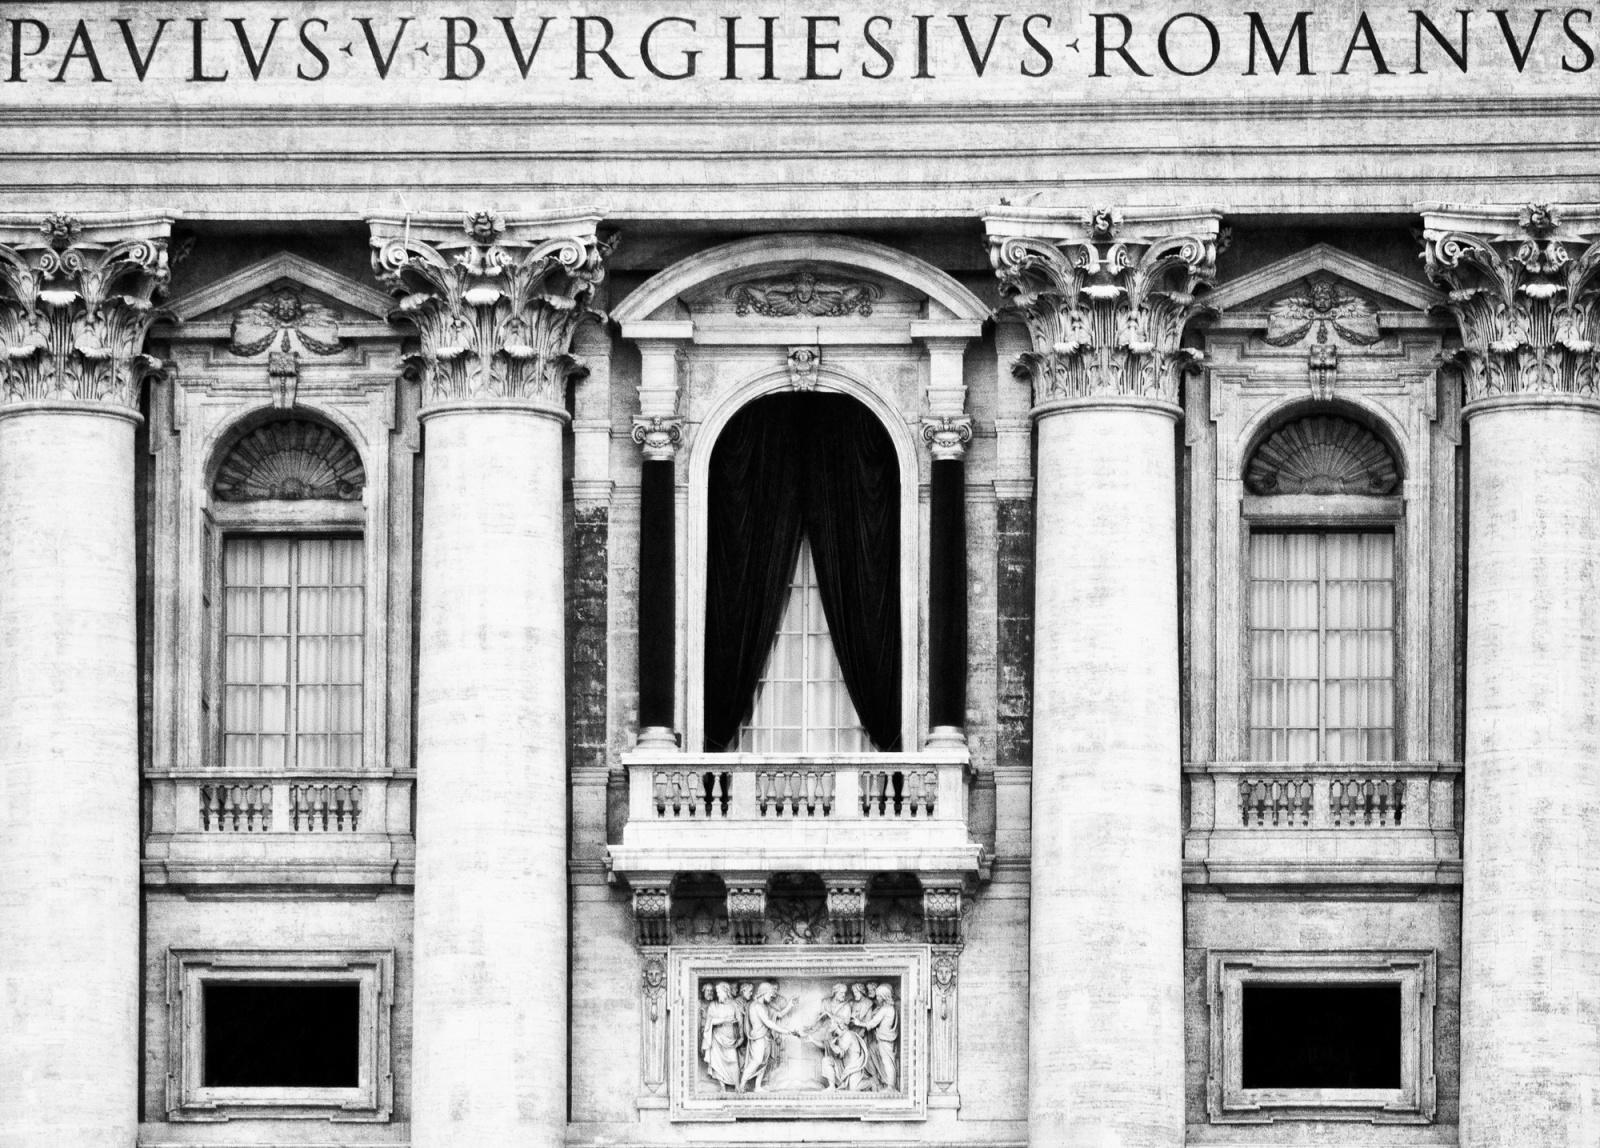 Cunclavis sine Papam - Il balcone di San Pietro ove si affaccia il Papa neo-eletto